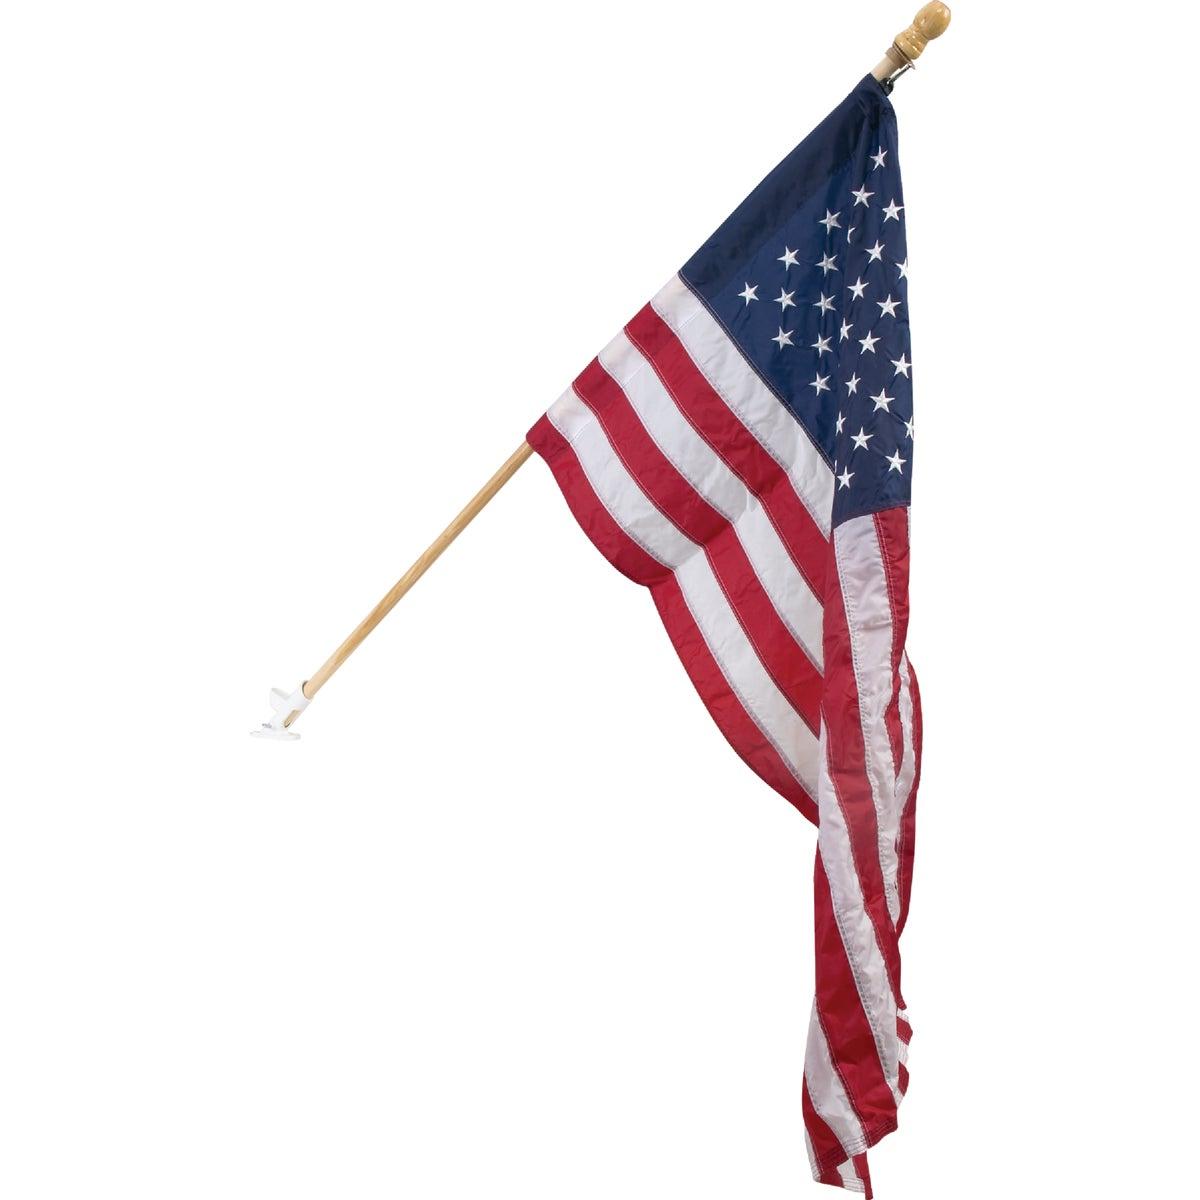 NYLON BANNER FLAG KIT